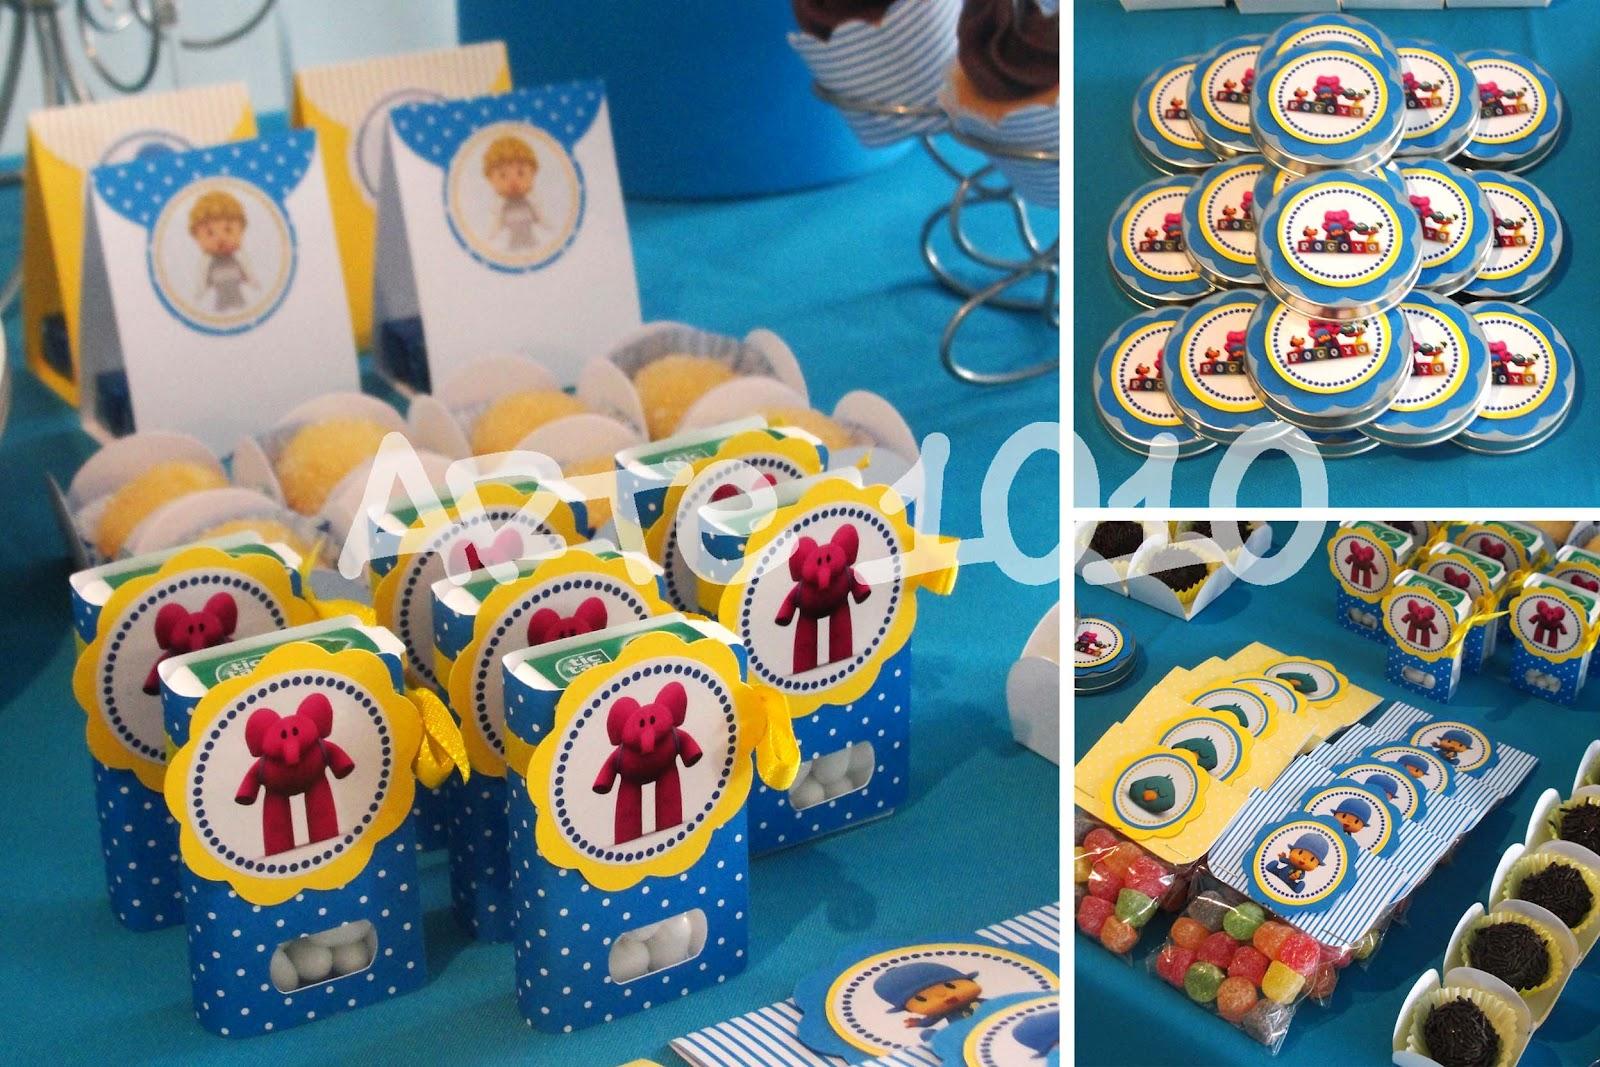 decoracao de festa infantil azul e amarelo: Elly e Sonequita alegraram os enfeites produzidos em azul e amarelo